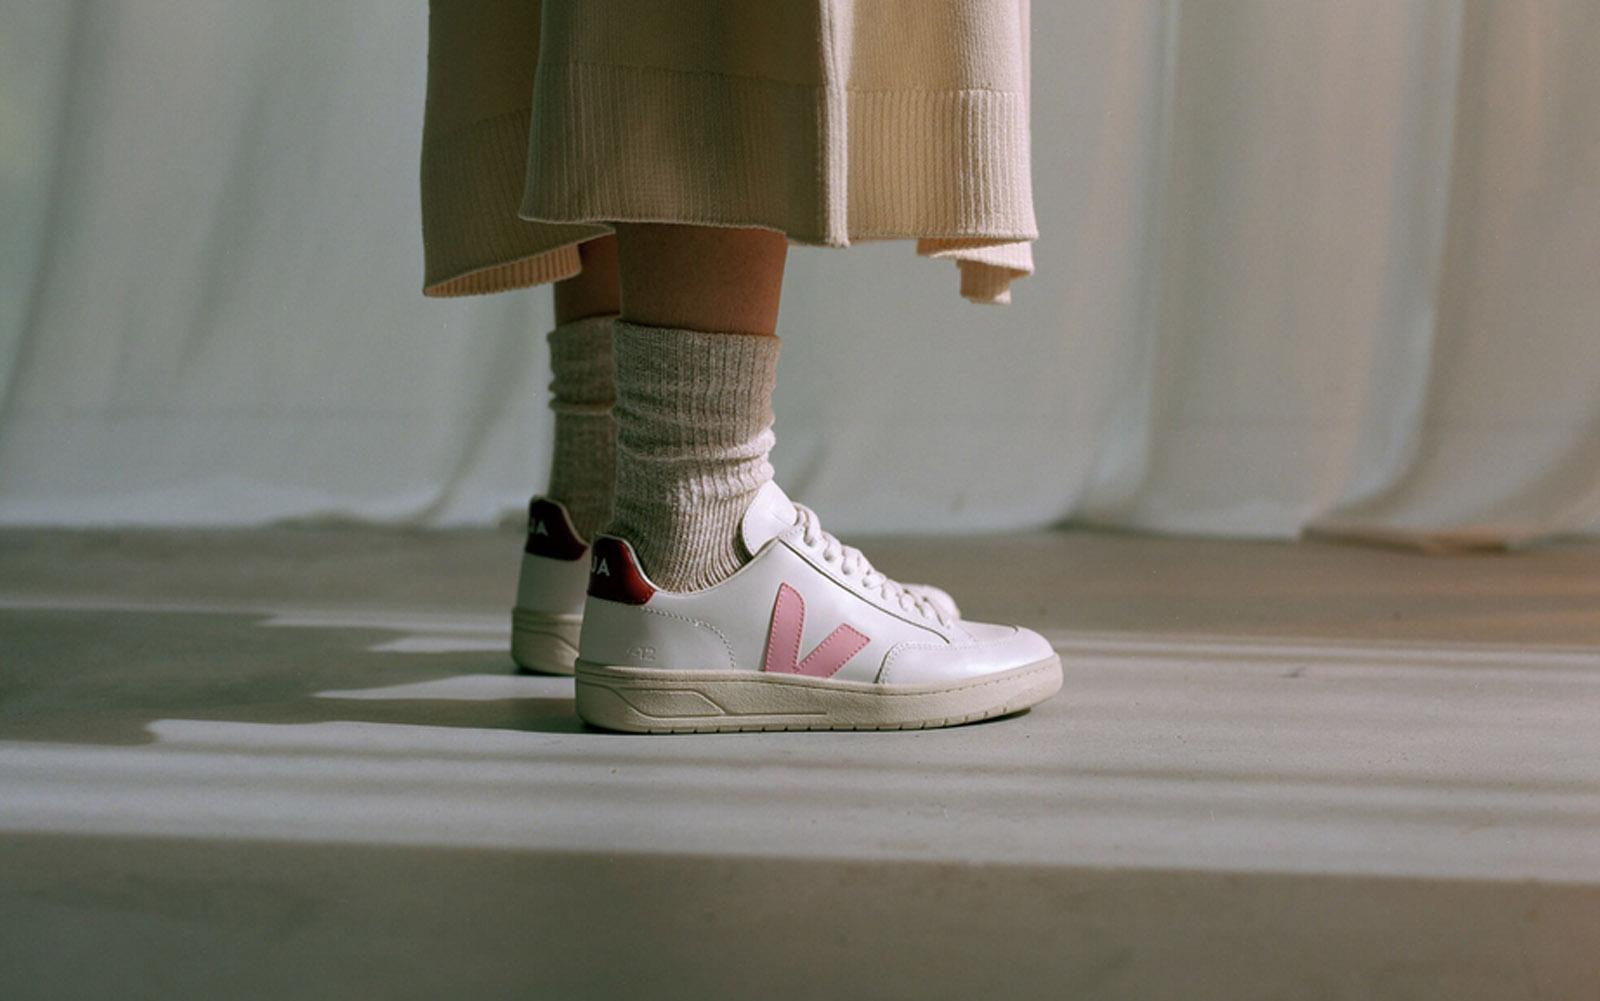 Zapatillas Veja Historia De La Moda Sostenible Que Encandila A Las Famosas